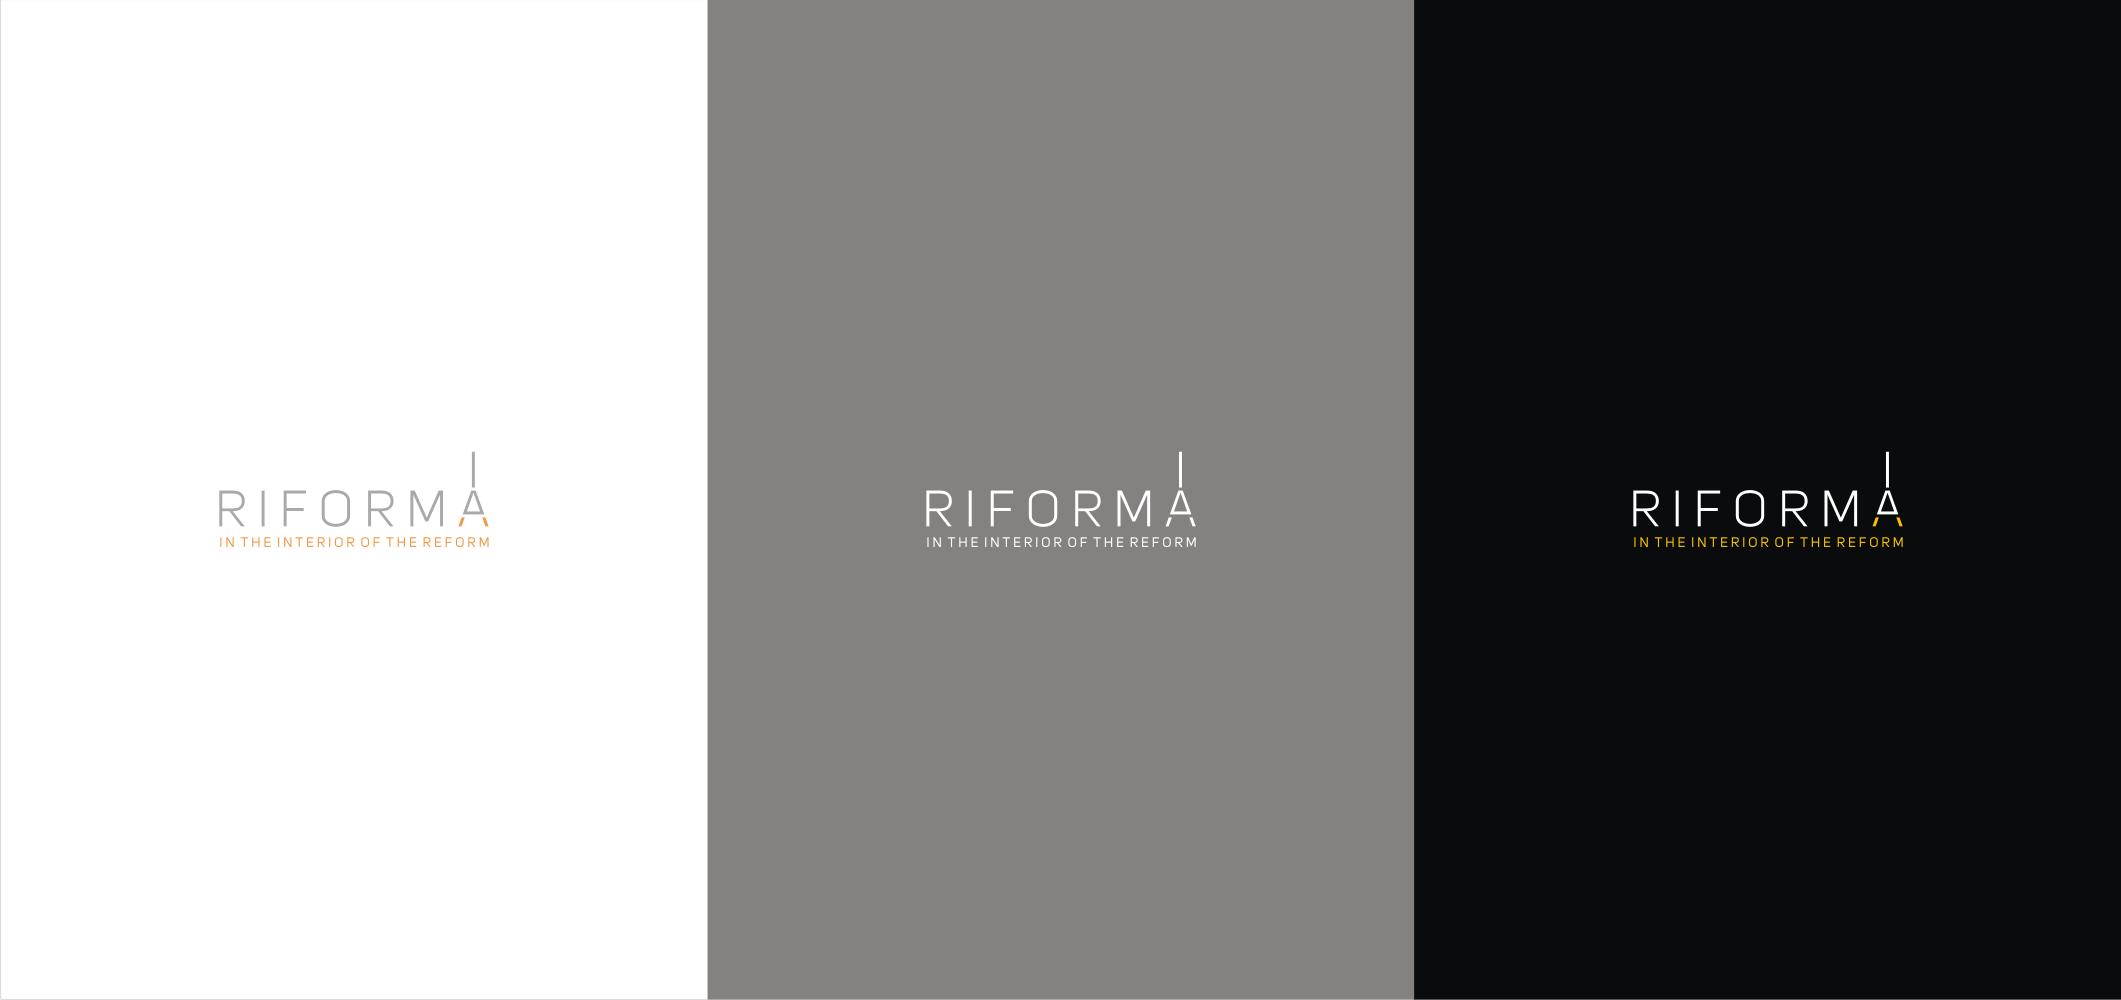 Разработка логотипа и элементов фирменного стиля фото f_62657a40c43e2065.png